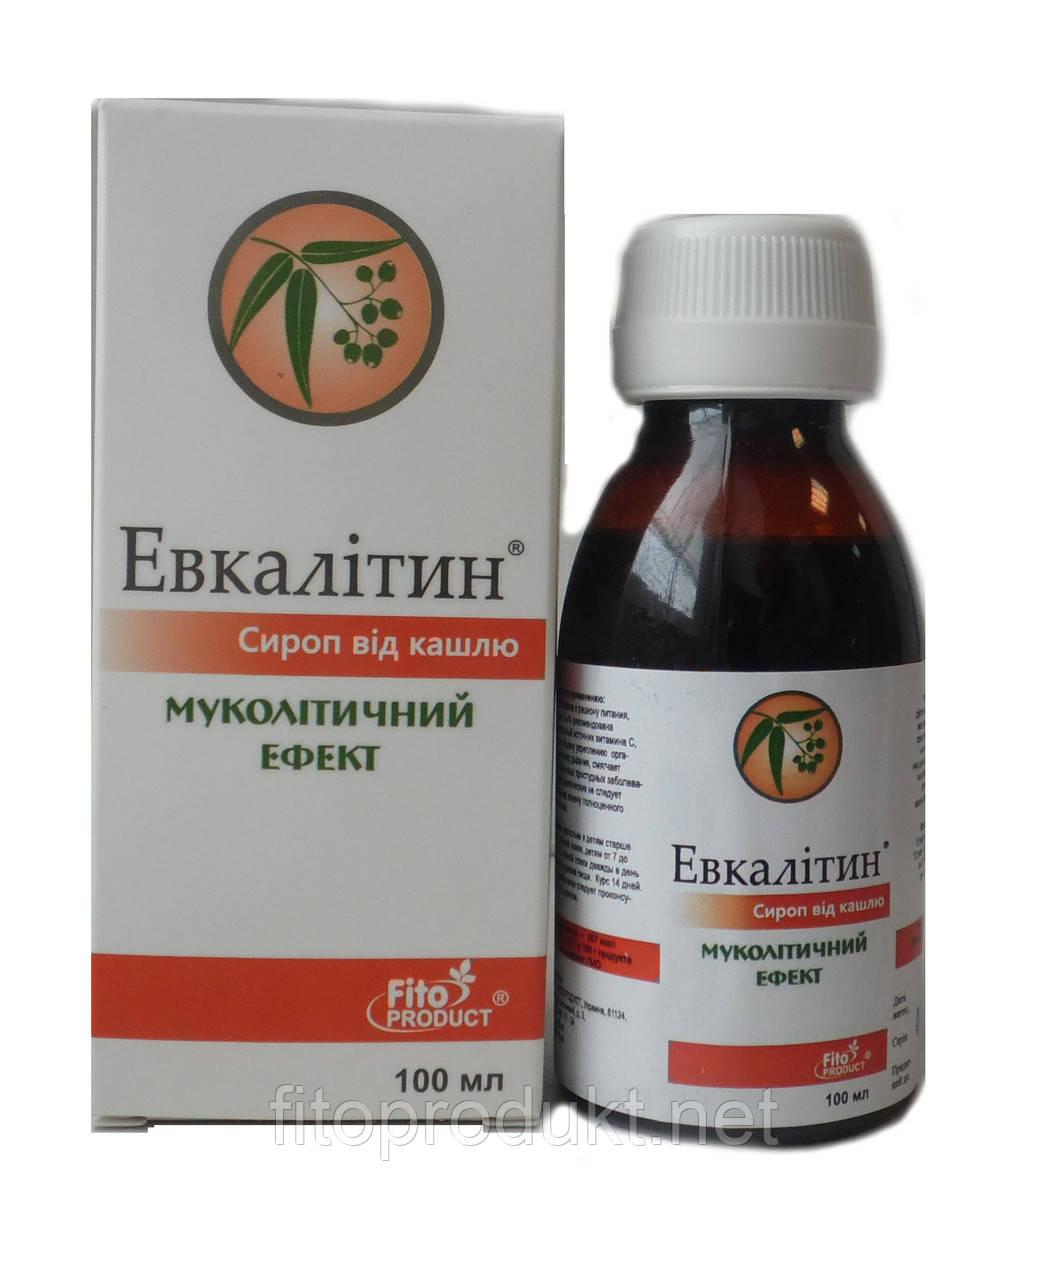 Эвкалитин сироп при влажном кашле оказывает отхаркивающее действие 100 мл Фитопродукт